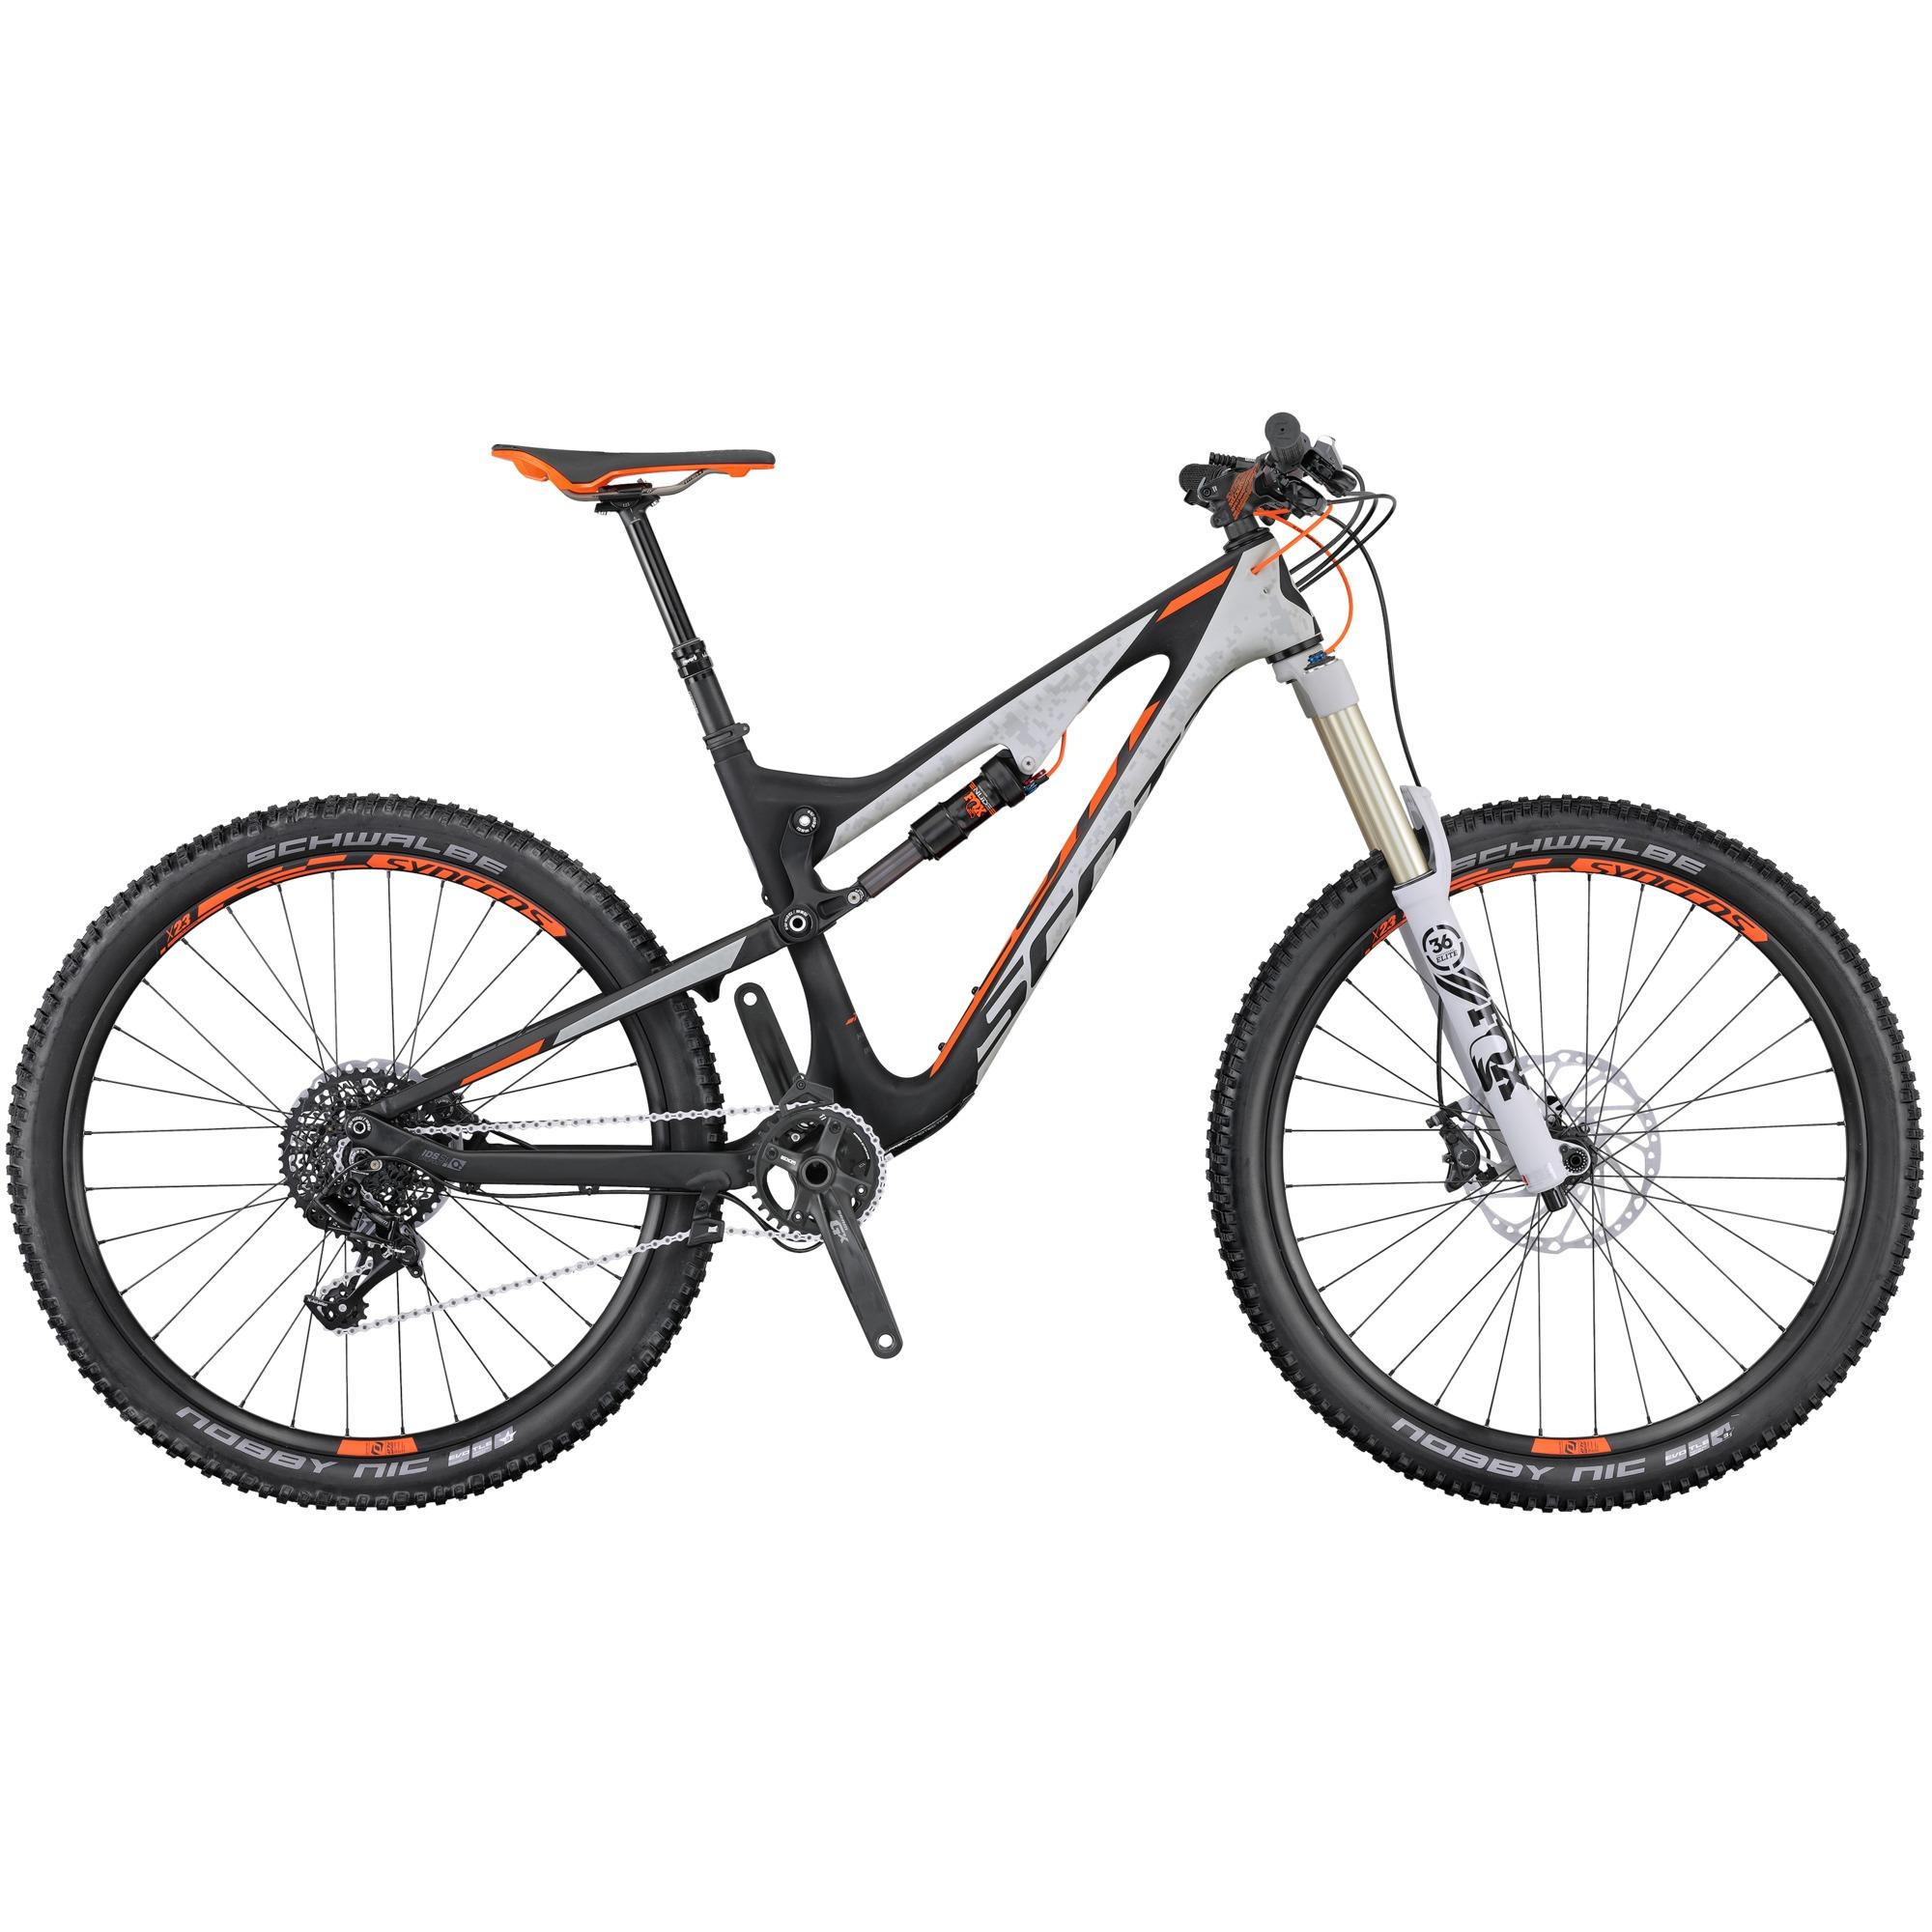 Test VTT Scott SCOTT Genius LT 710 Plus Bike 2016 (test